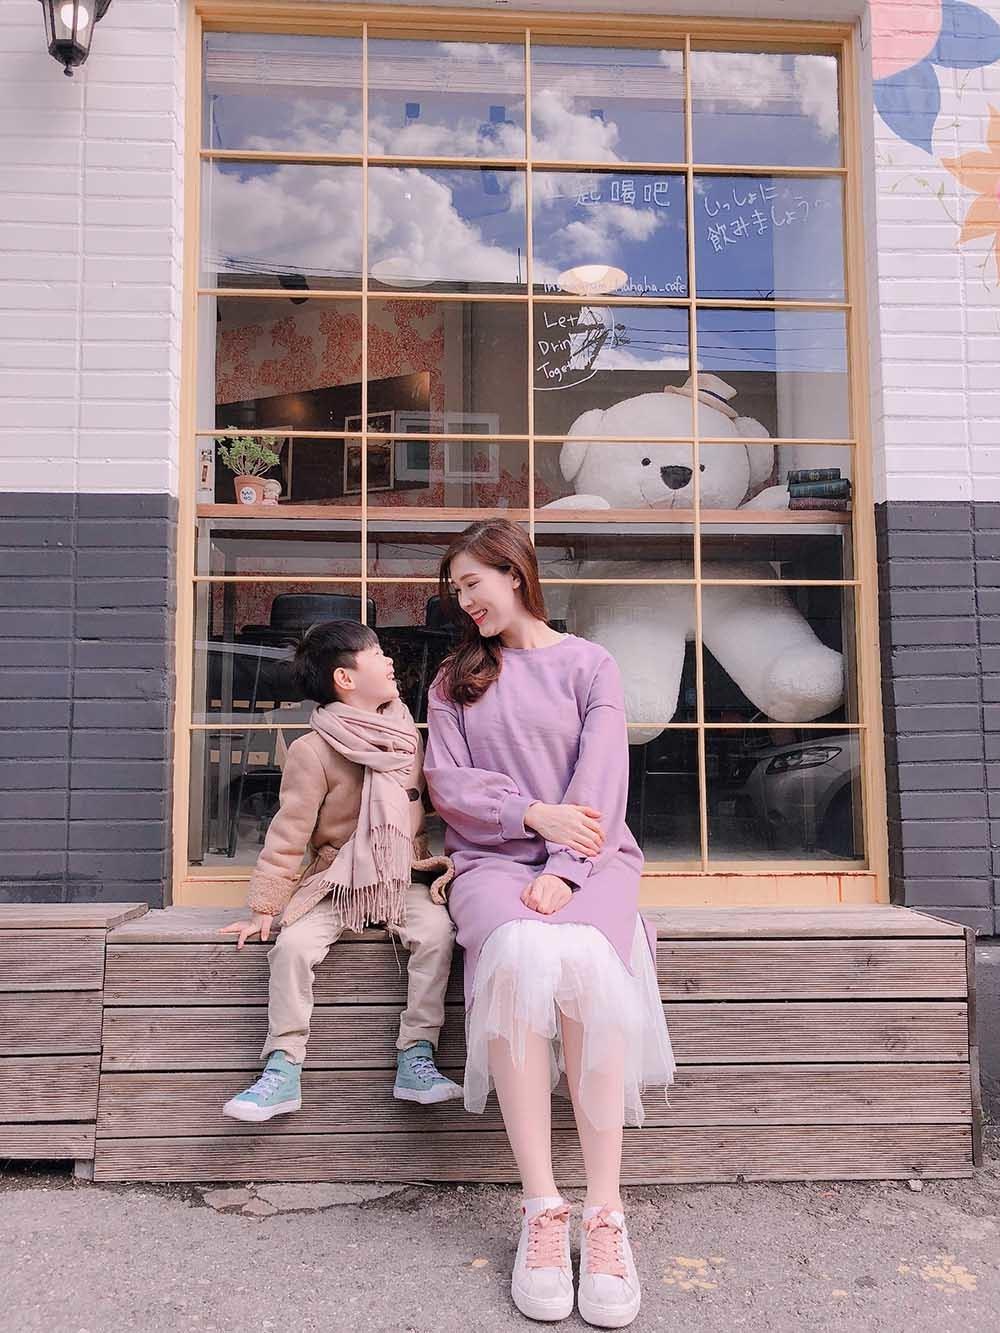 Phí Thùy Linh chia sẻ kinh nghiệm du lịch Hàn Quốc cùng con trai nhỏ